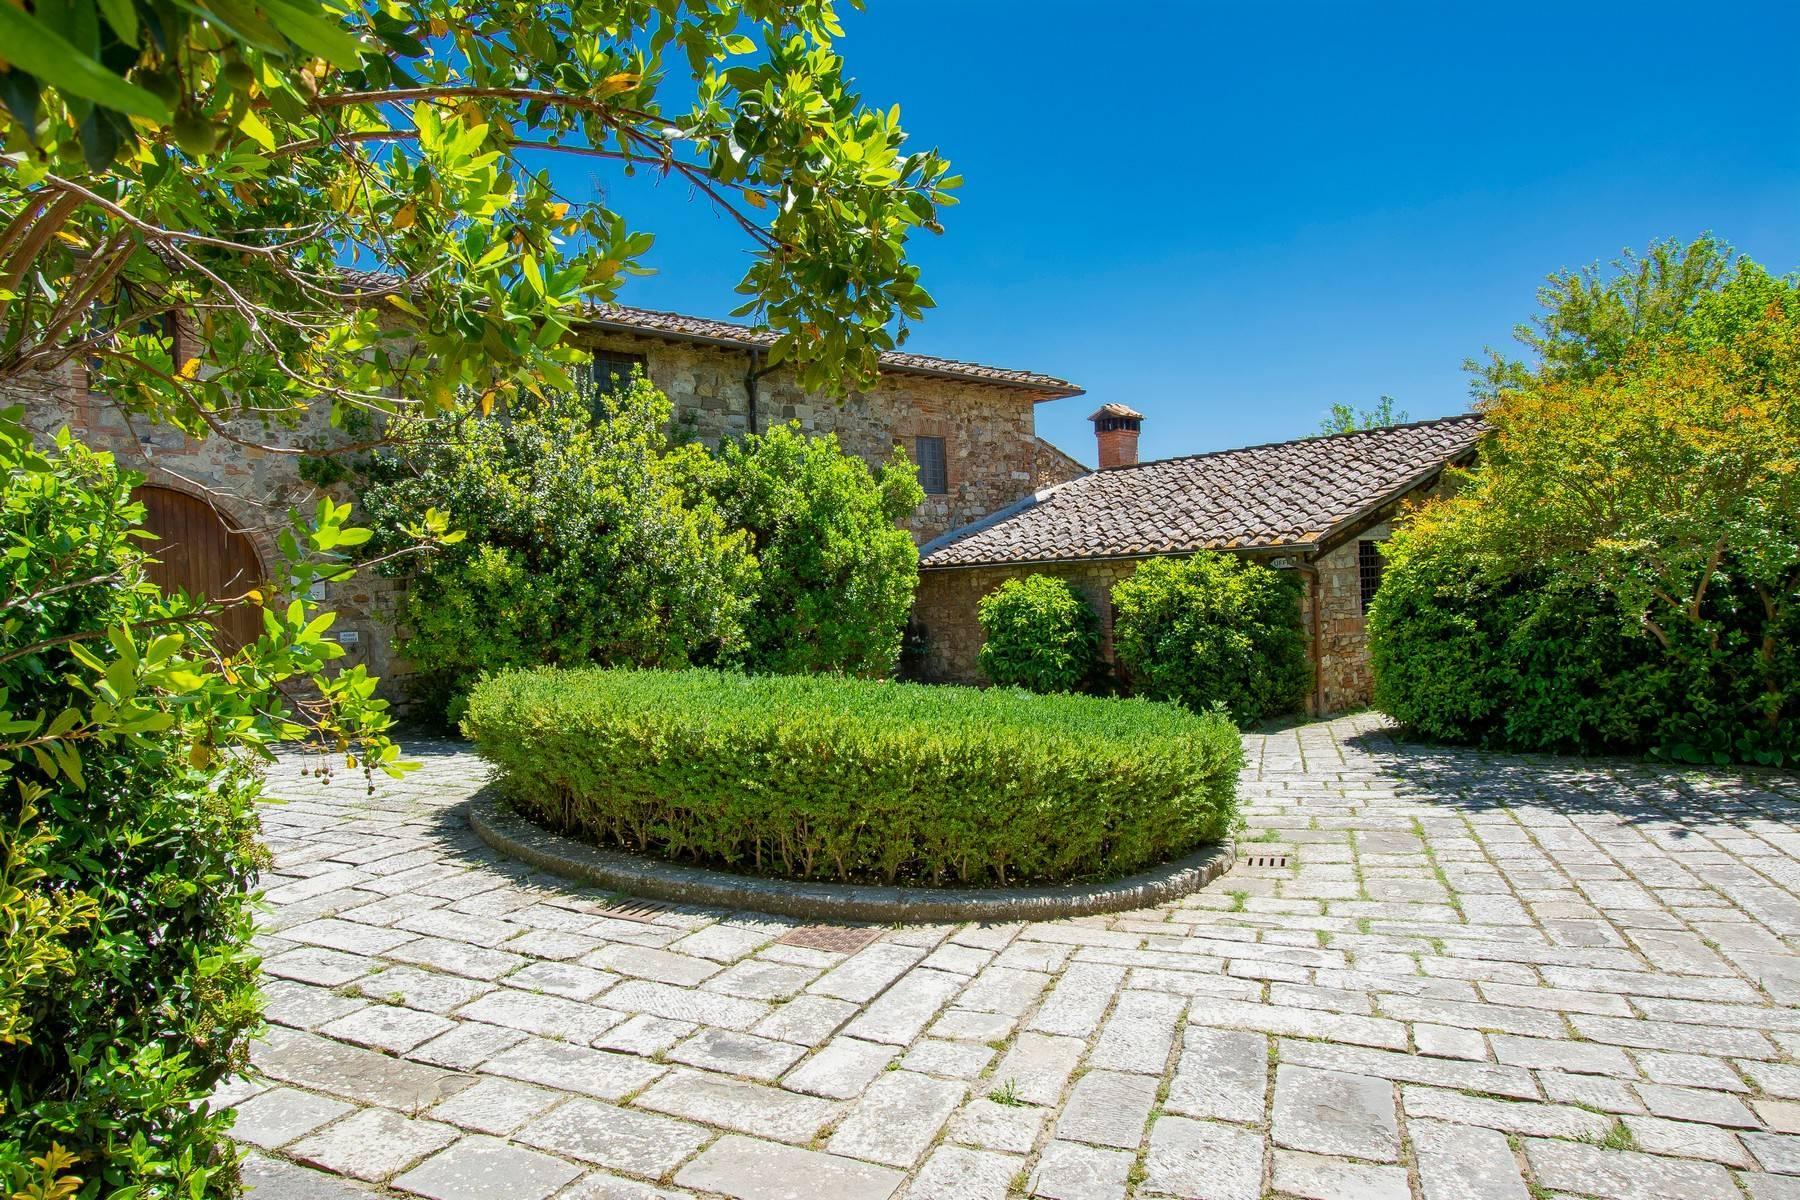 Esclusive wine estate in the heart of Chianti classico - 37